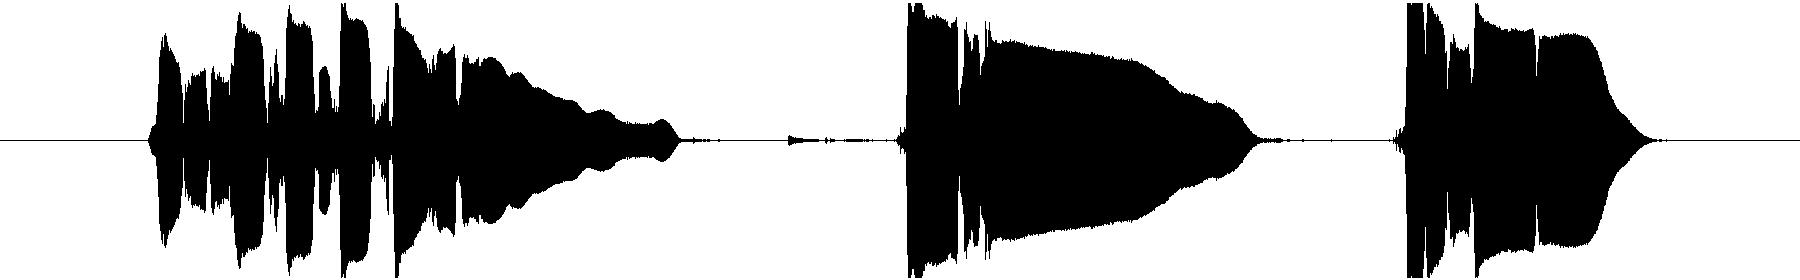 saxsoloc 3